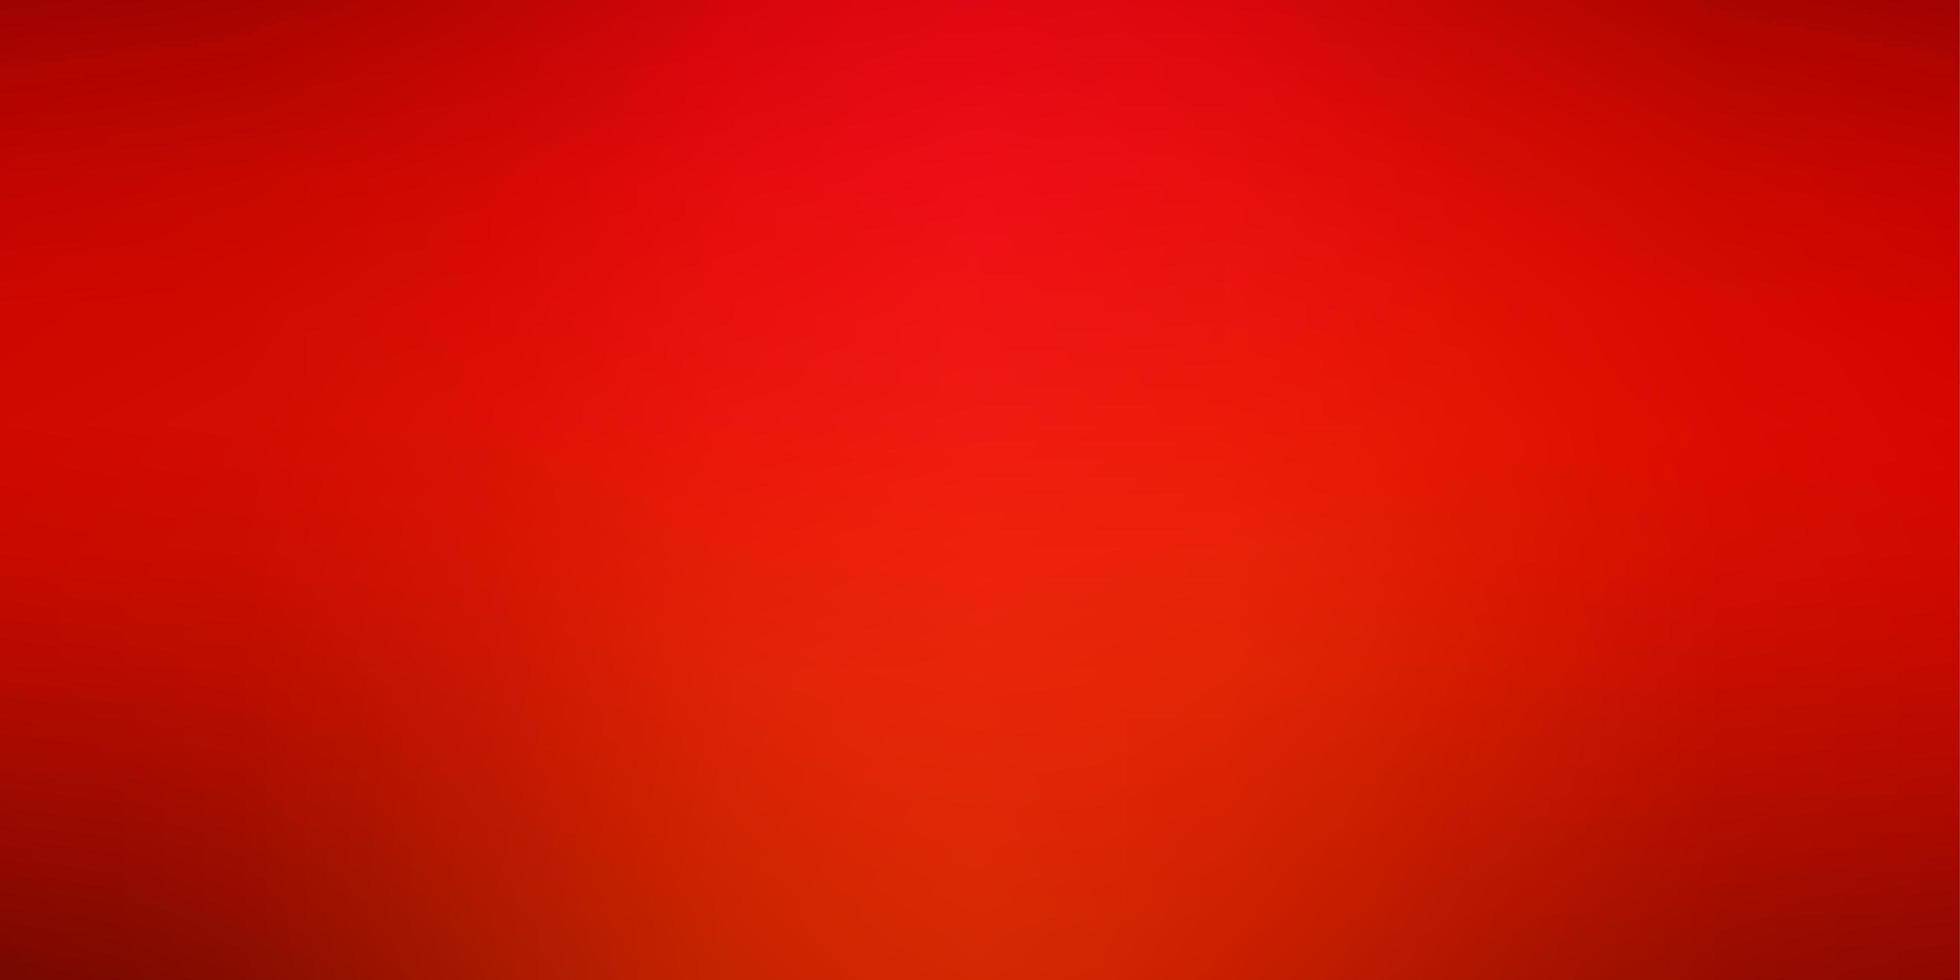 modelo desfocado vermelho. vetor